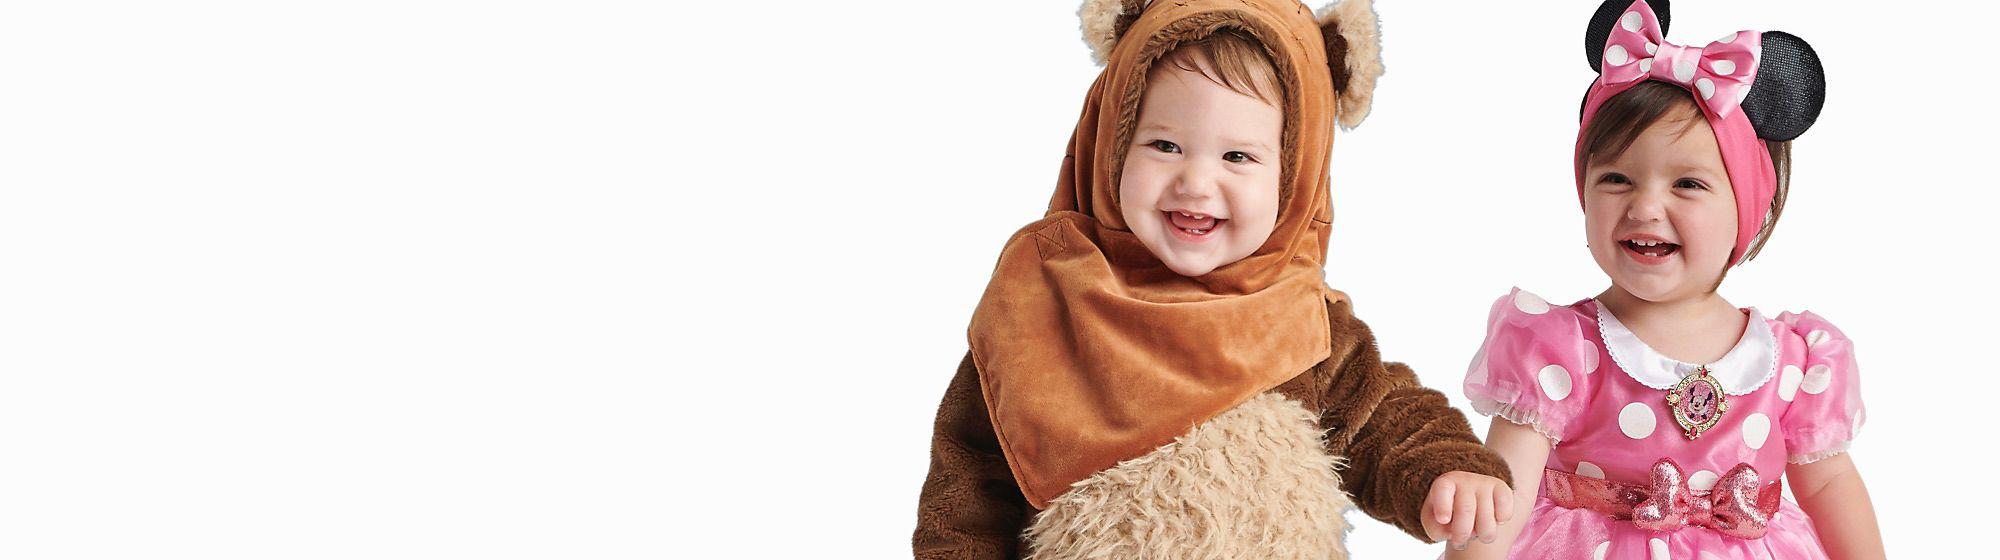 Costumi baby Costumi baby dei personaggi Disney, Star Wars, Pixar e Marvel che ti piaccioni di più